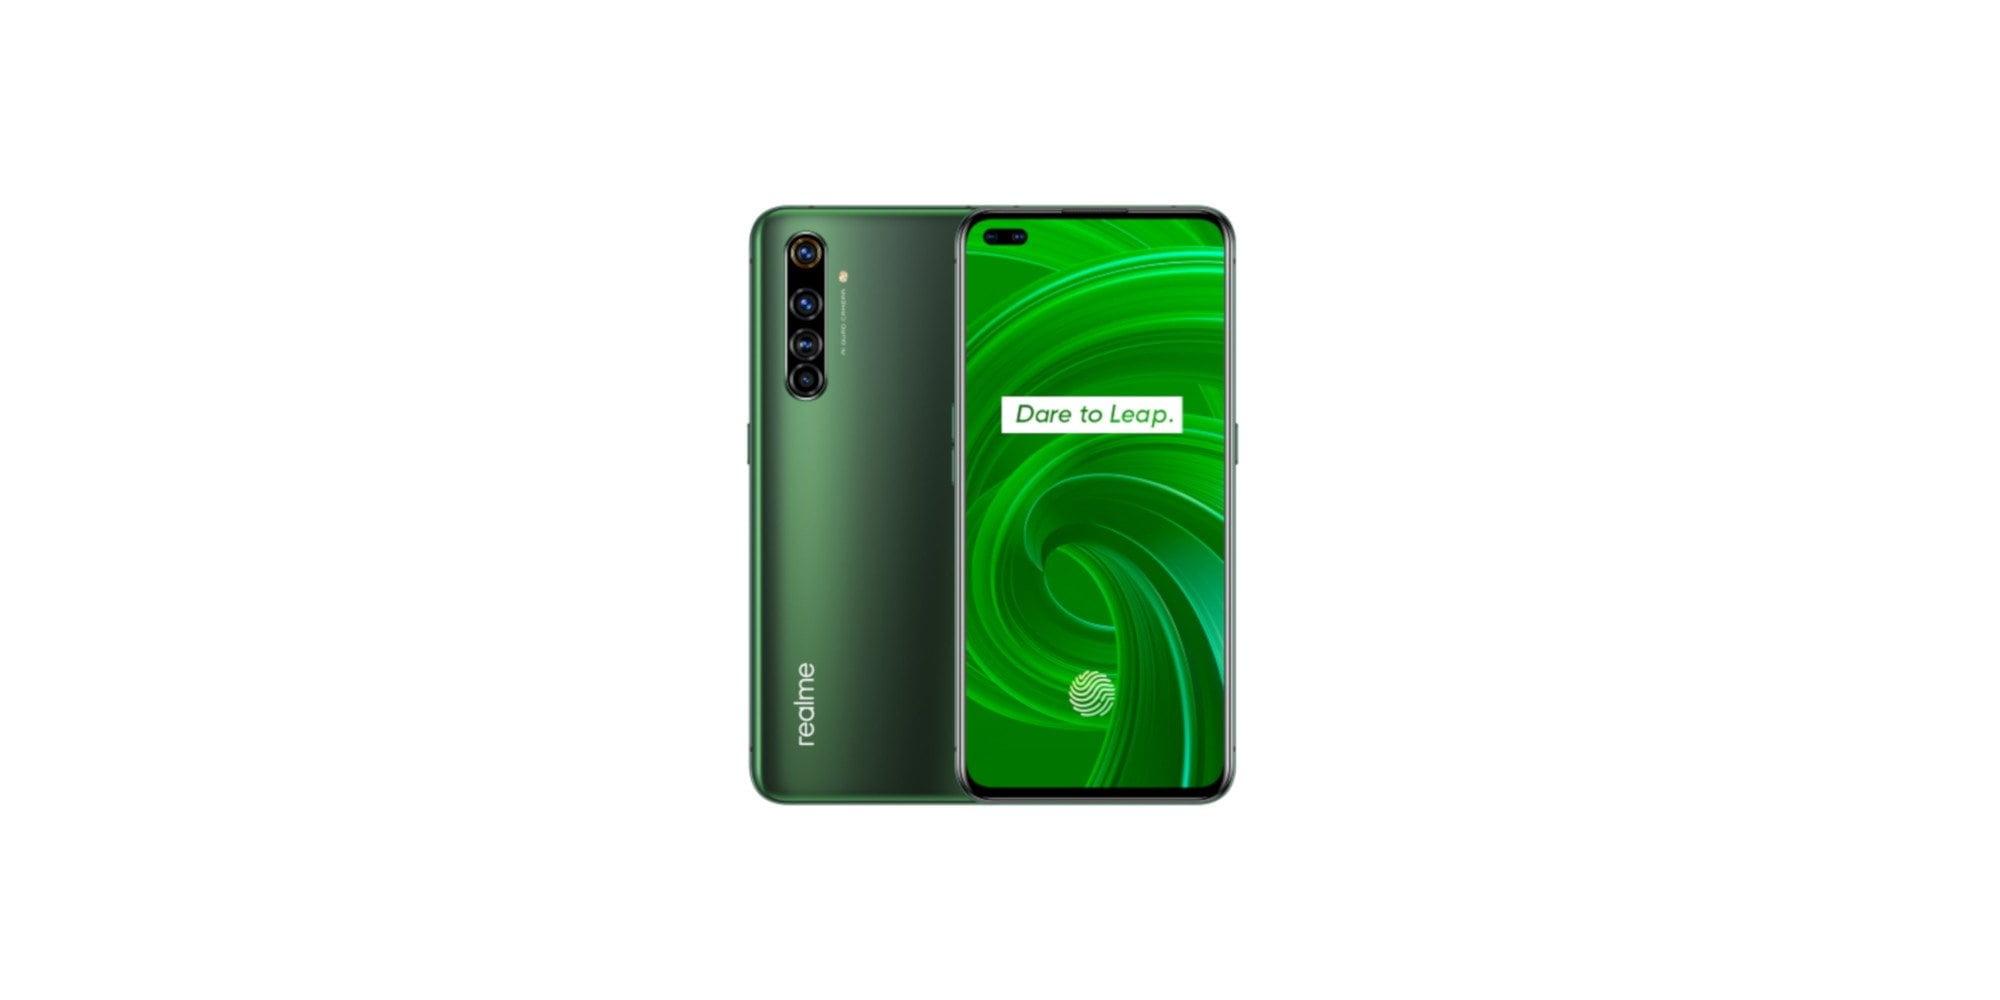 A Realme apresenta o novo smartphone Realme X50 Pro 5G.